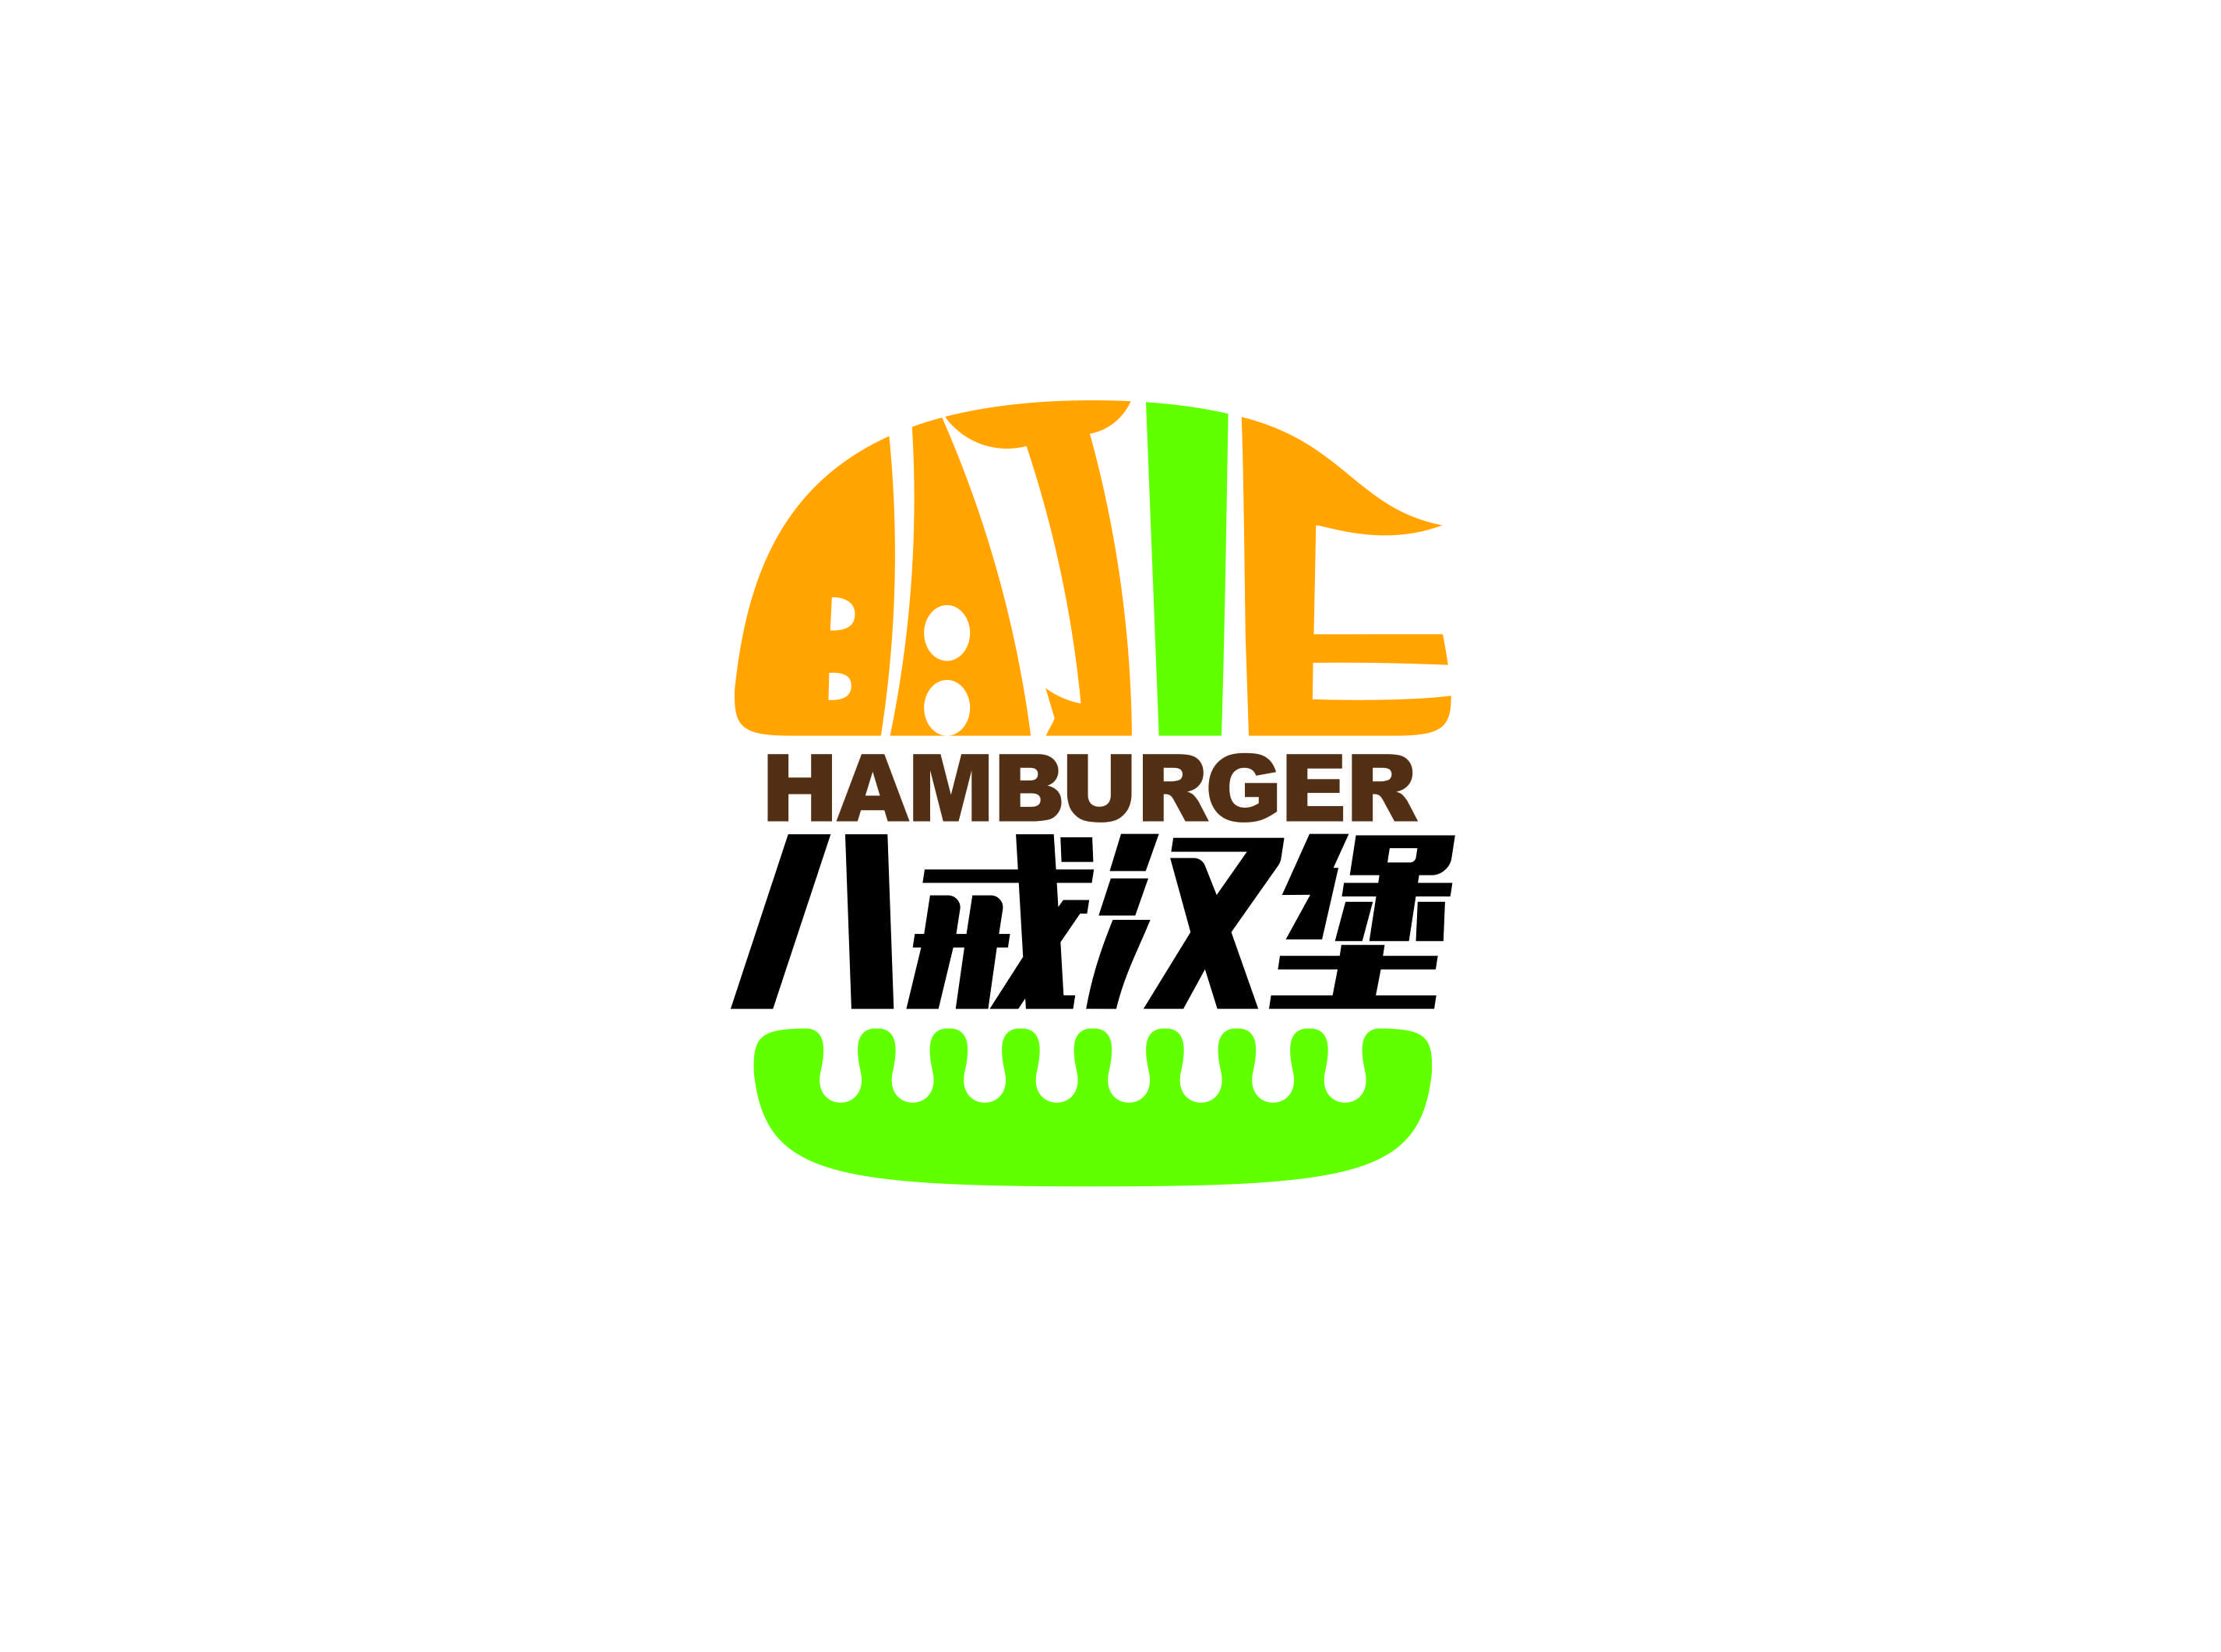 广州如何开汉堡店,八戒汉堡俘获吃货心